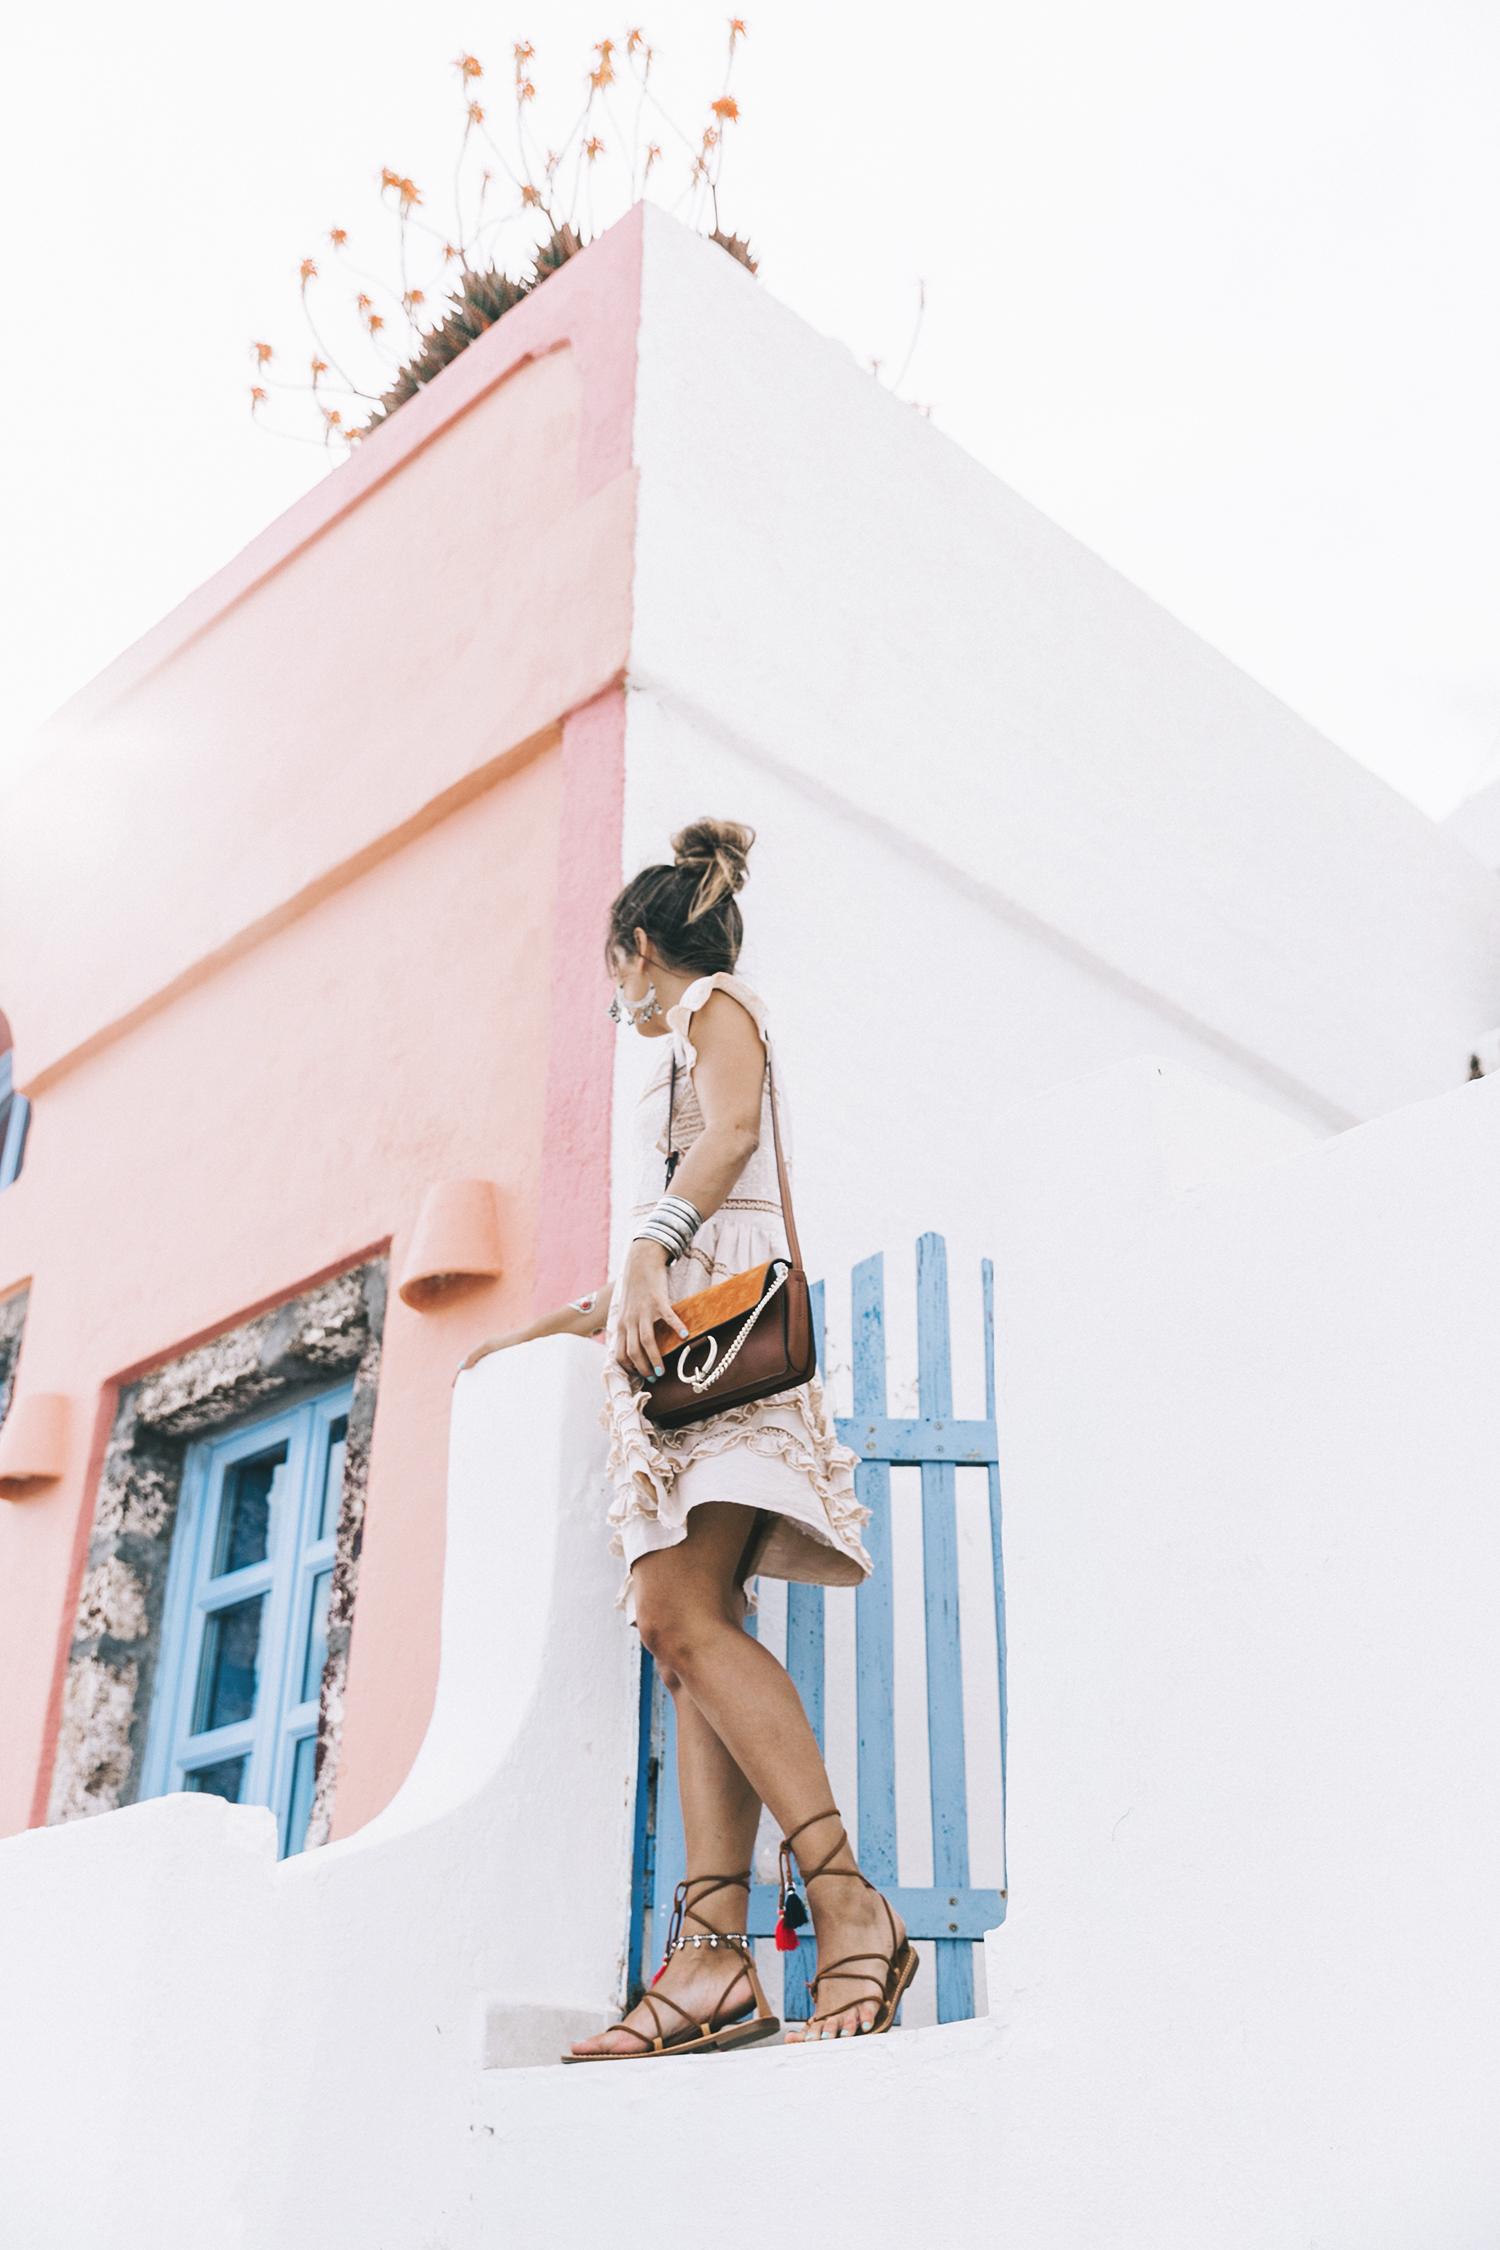 Chloe_Bag-Faye_Bag-For_Love_And_Lemons-Dress-Topknot-Soludos_Escapes-Soludos_Espadrilles-Summer-Santorini-Collage_Vintage-17